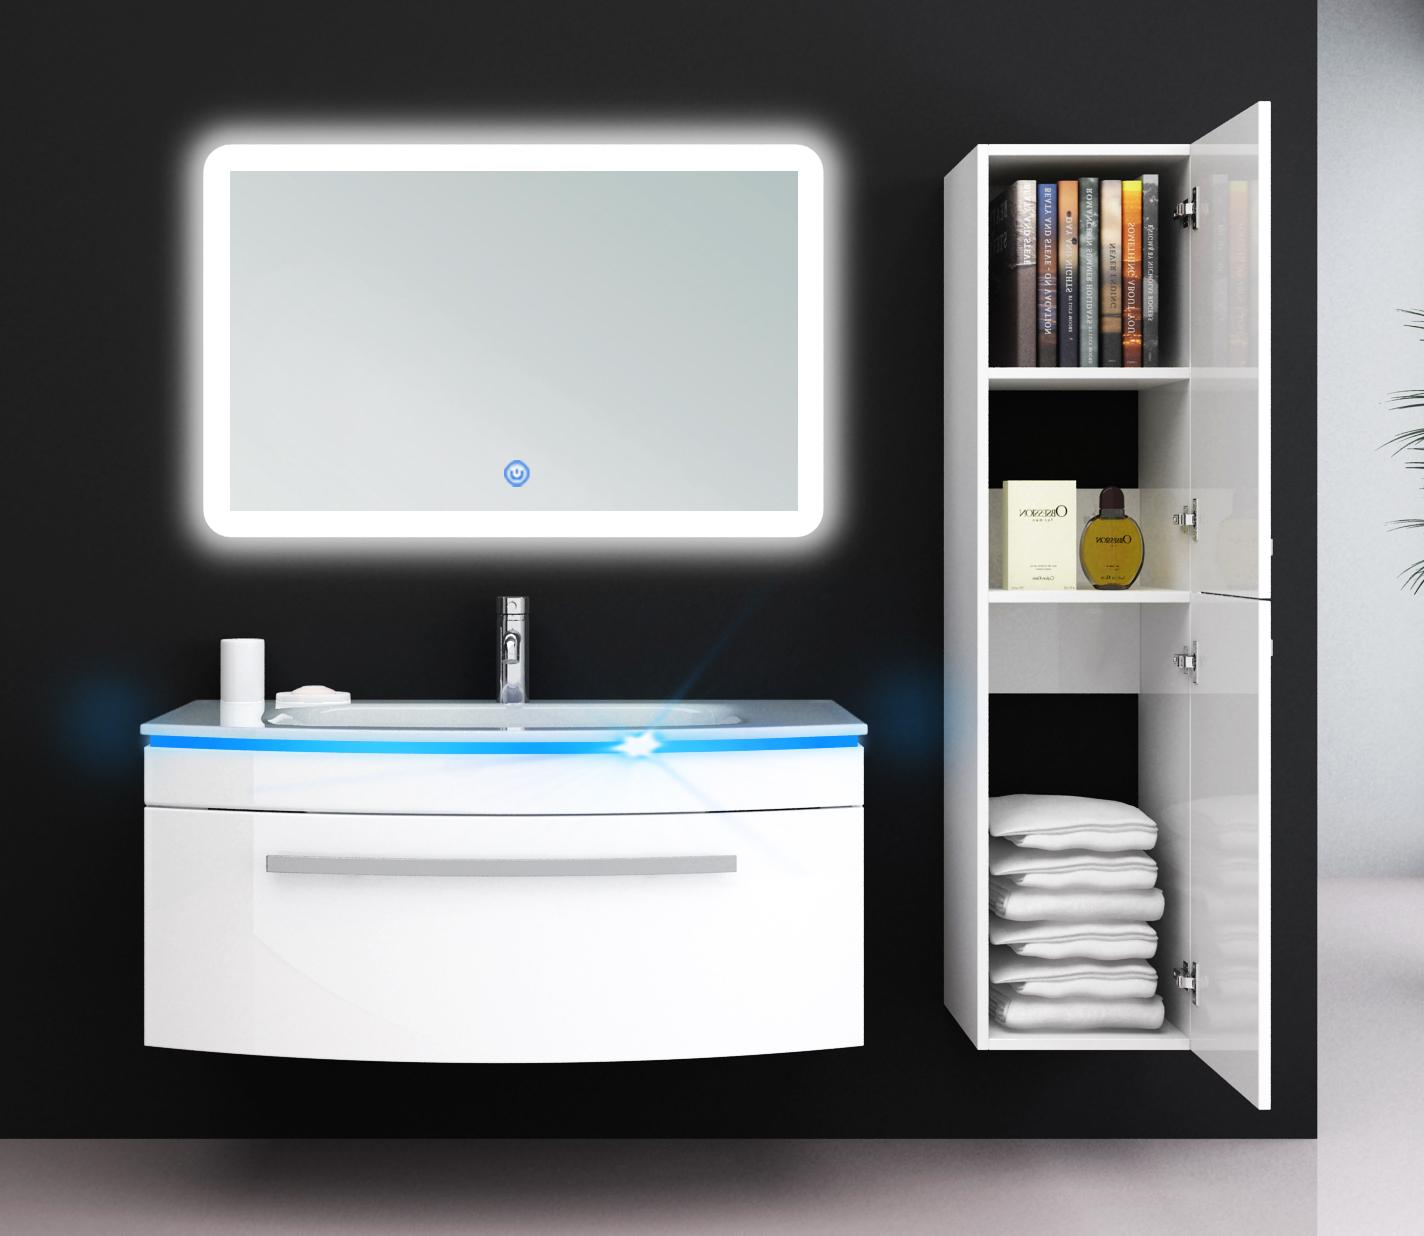 Details zu JASMIN 8 cm LED Waschtisch Waschbecken Unterschrank Badmöbel  Set Weiß Spiegel